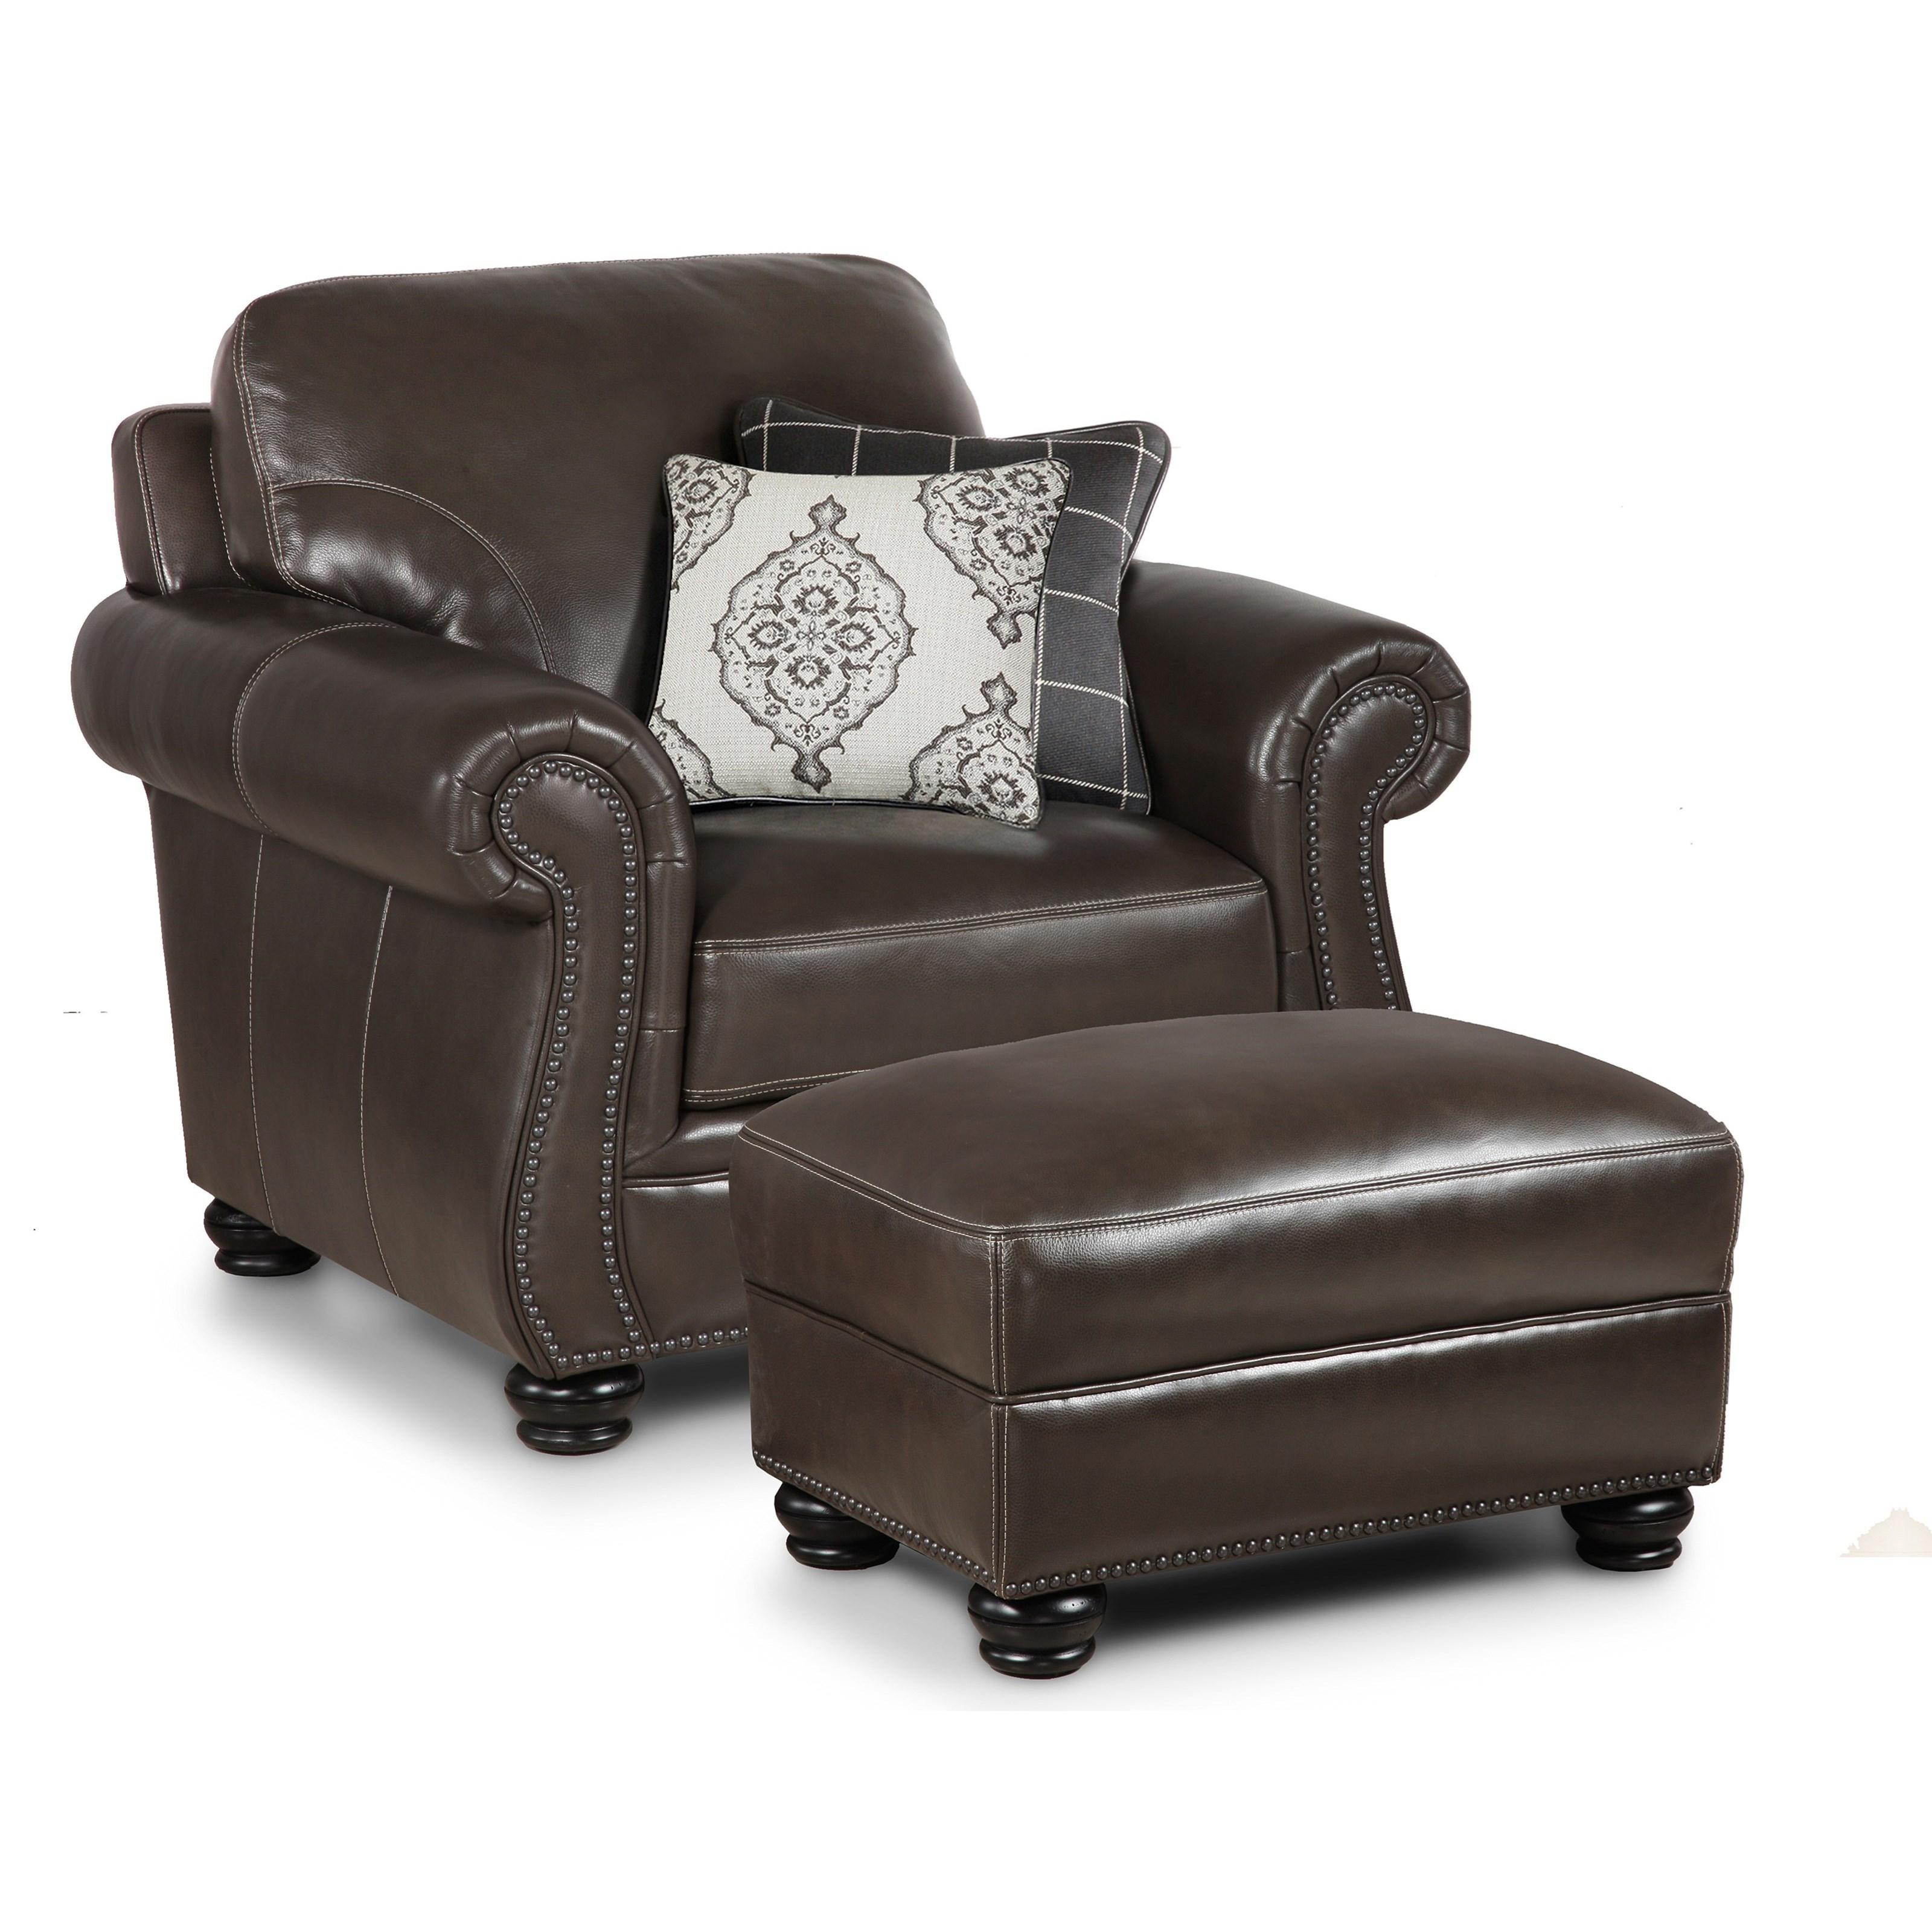 simon li h044 traditional chair with 2 pillows